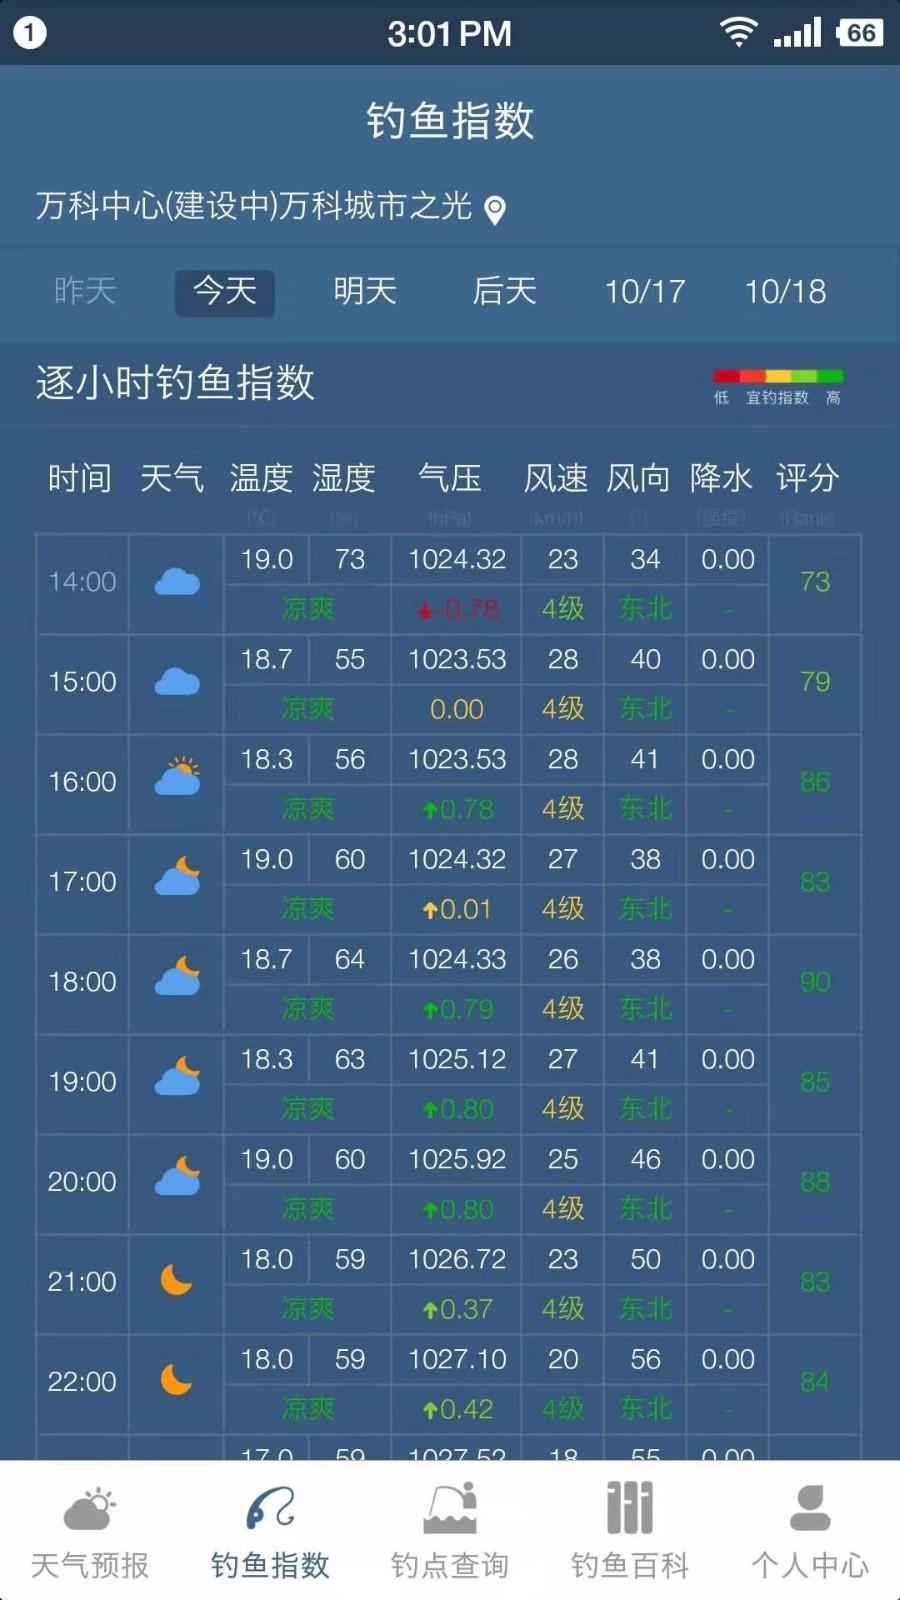 钓鱼天气预报(1)